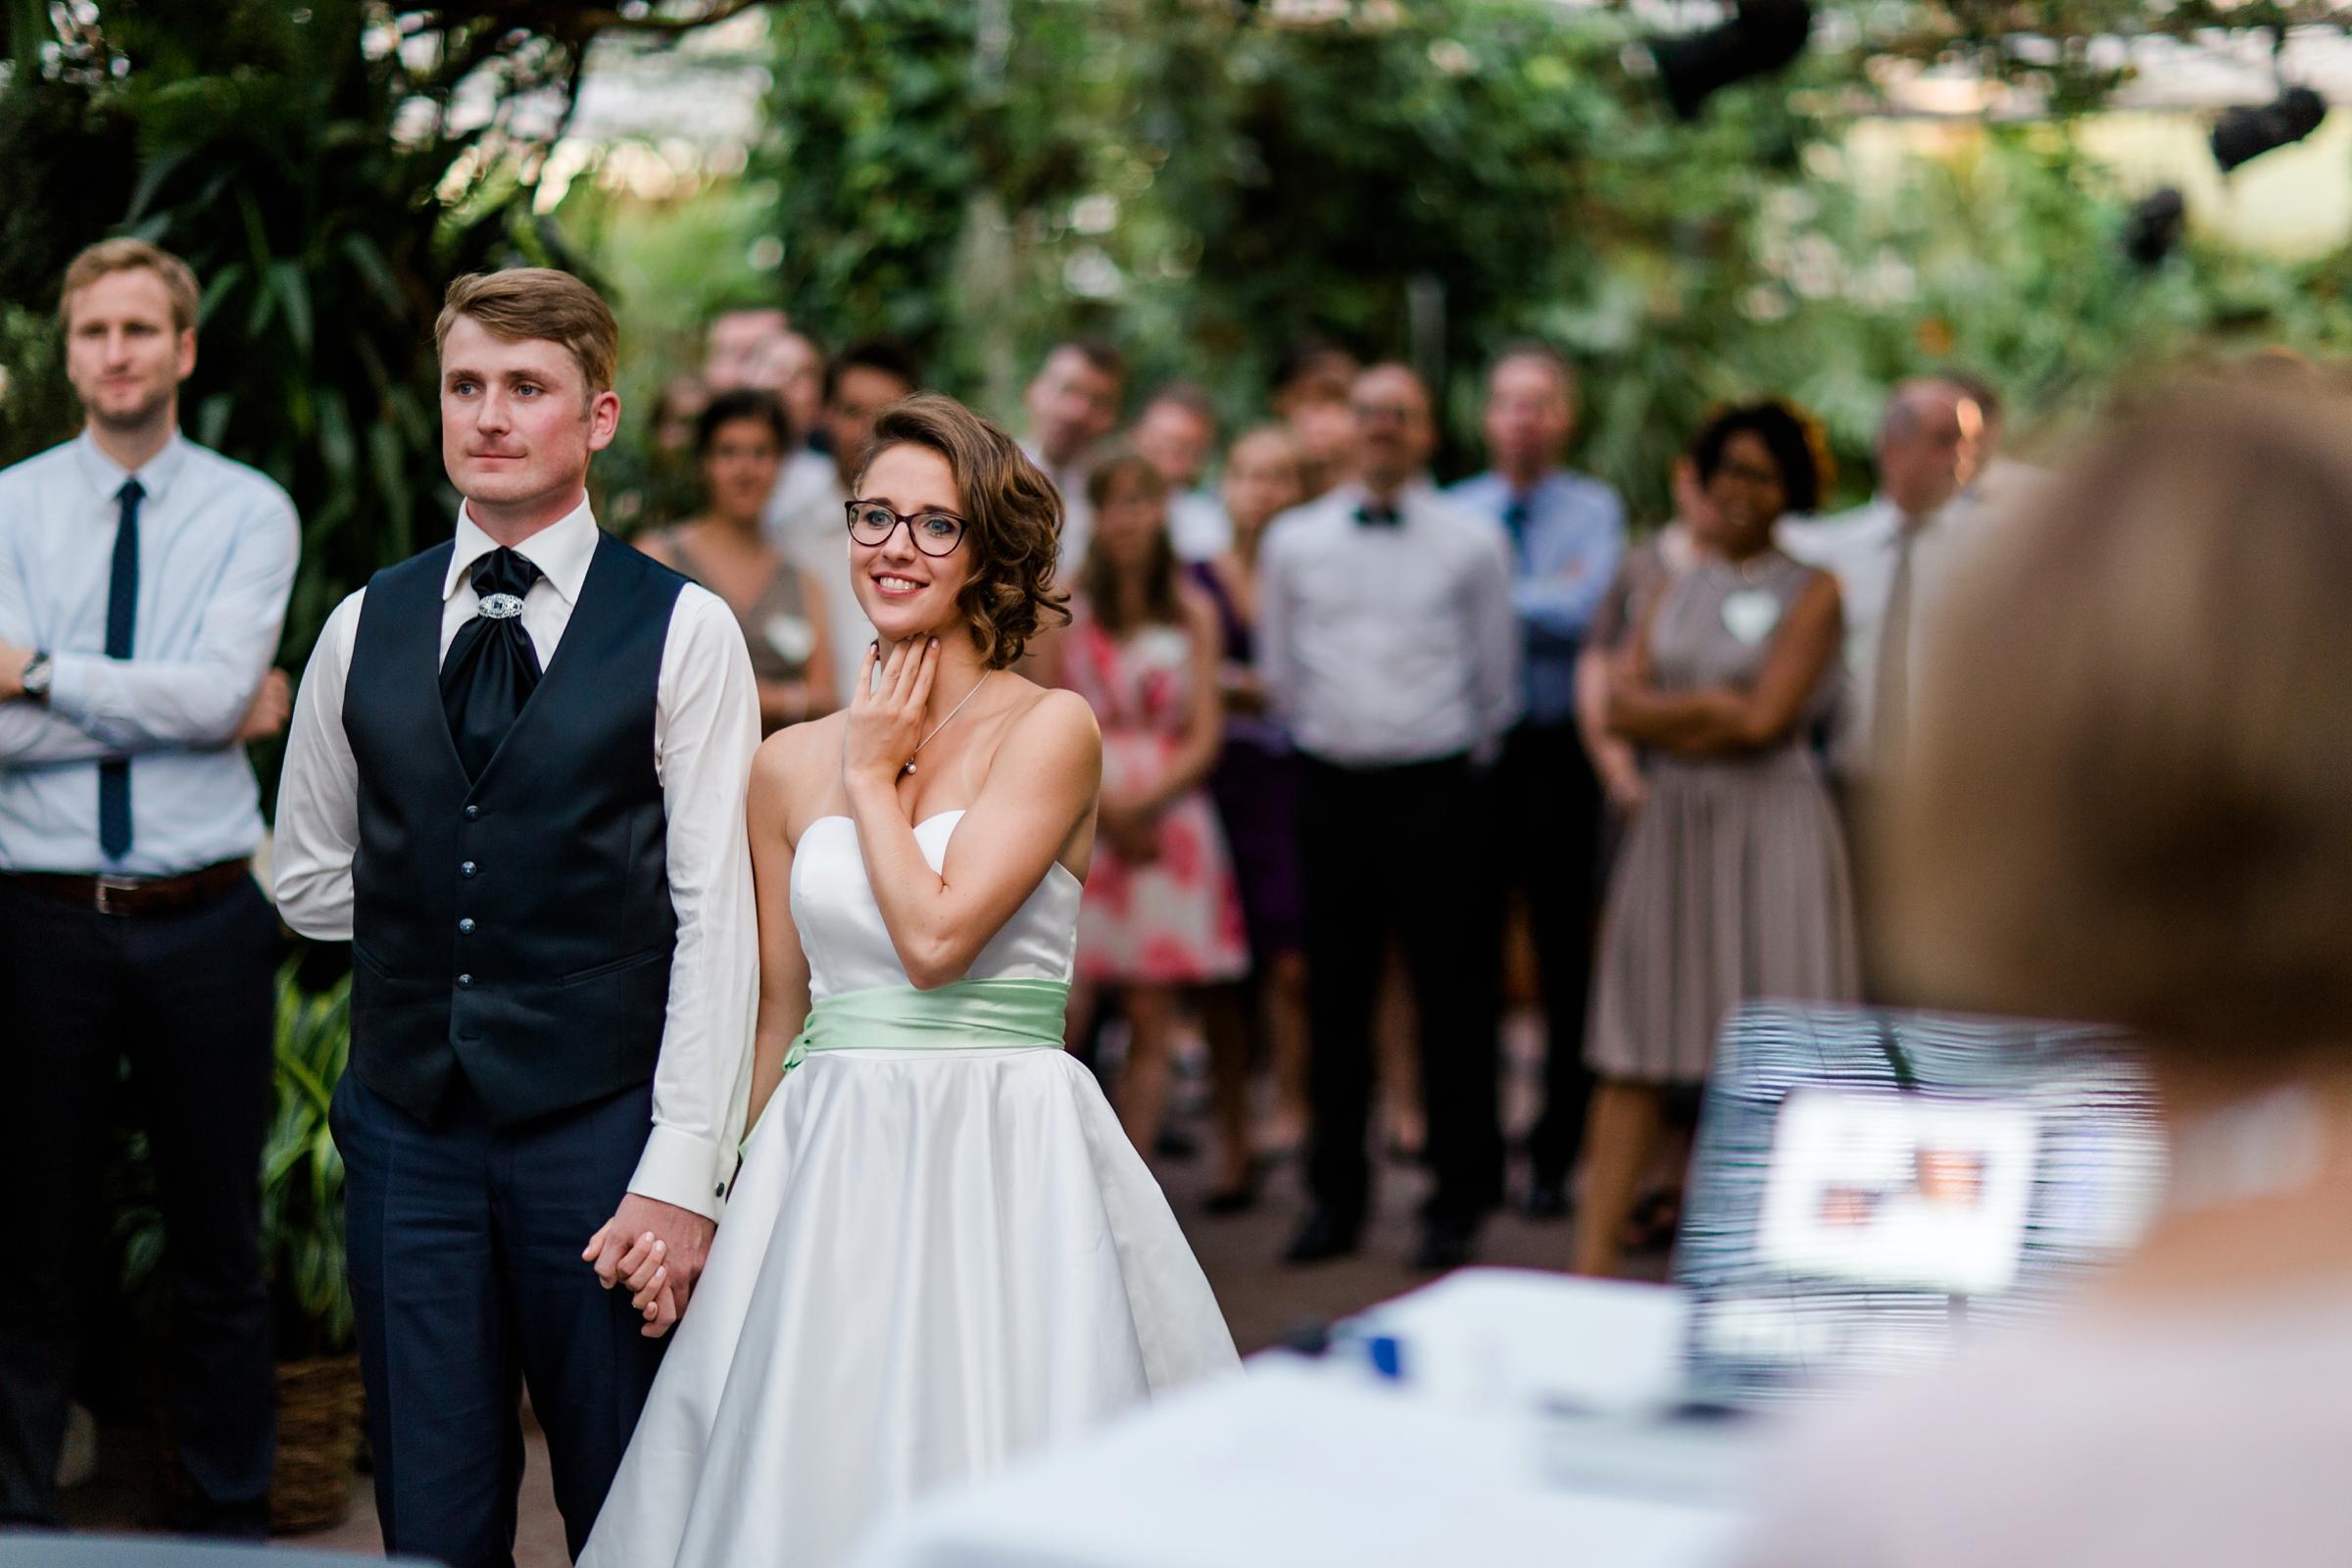 Hochzeitsfotograf-Zuerich-Giardino-Verde-Brautpaar-Filmvorfuehrung